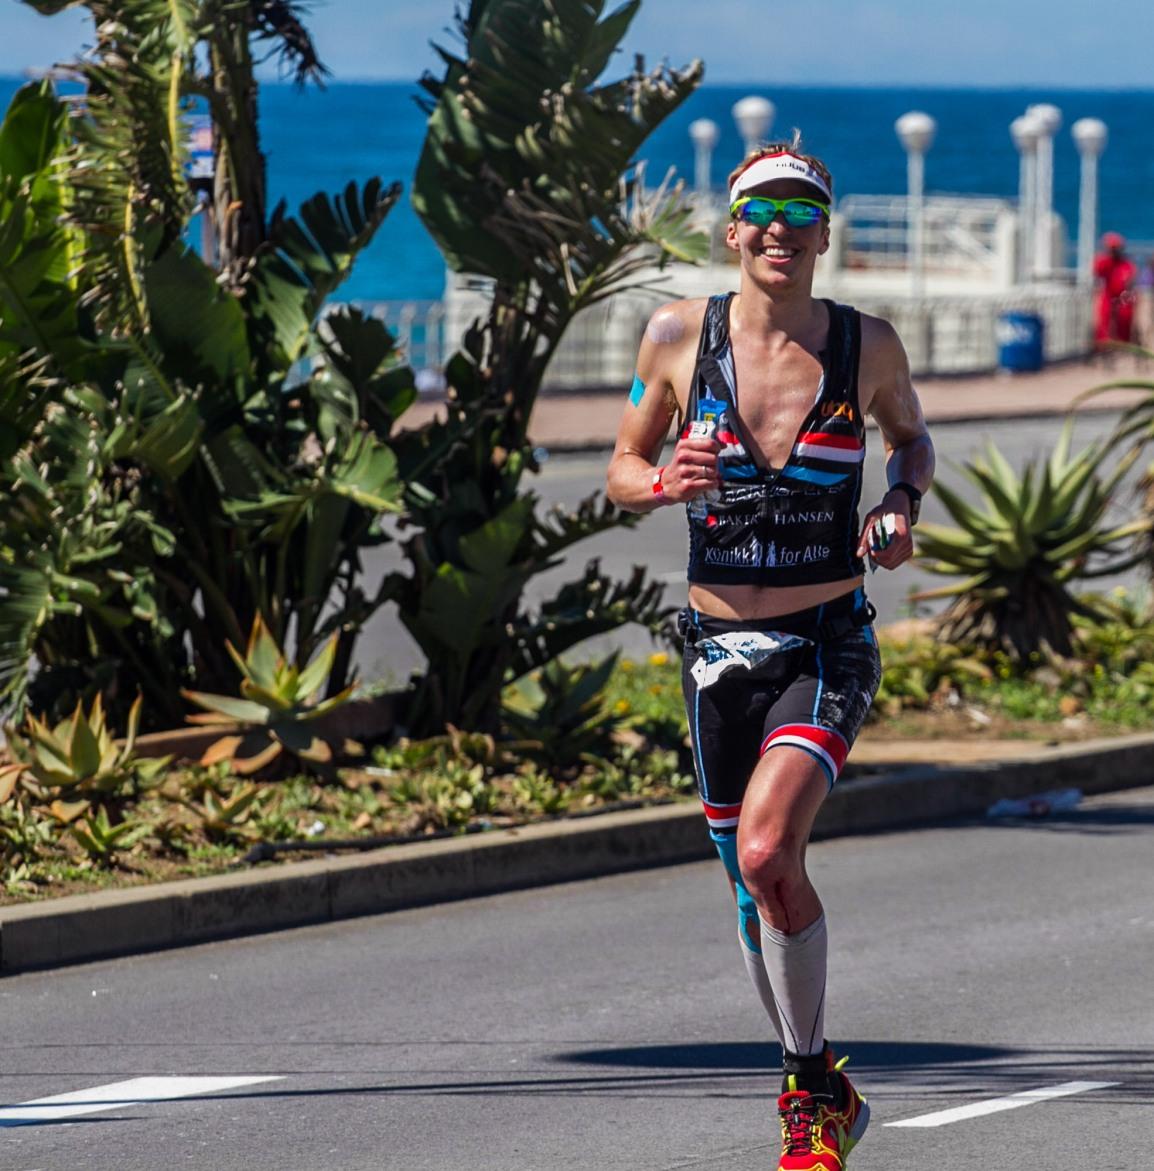 Triallan - Allan Hovda - Ironman South Africa-3